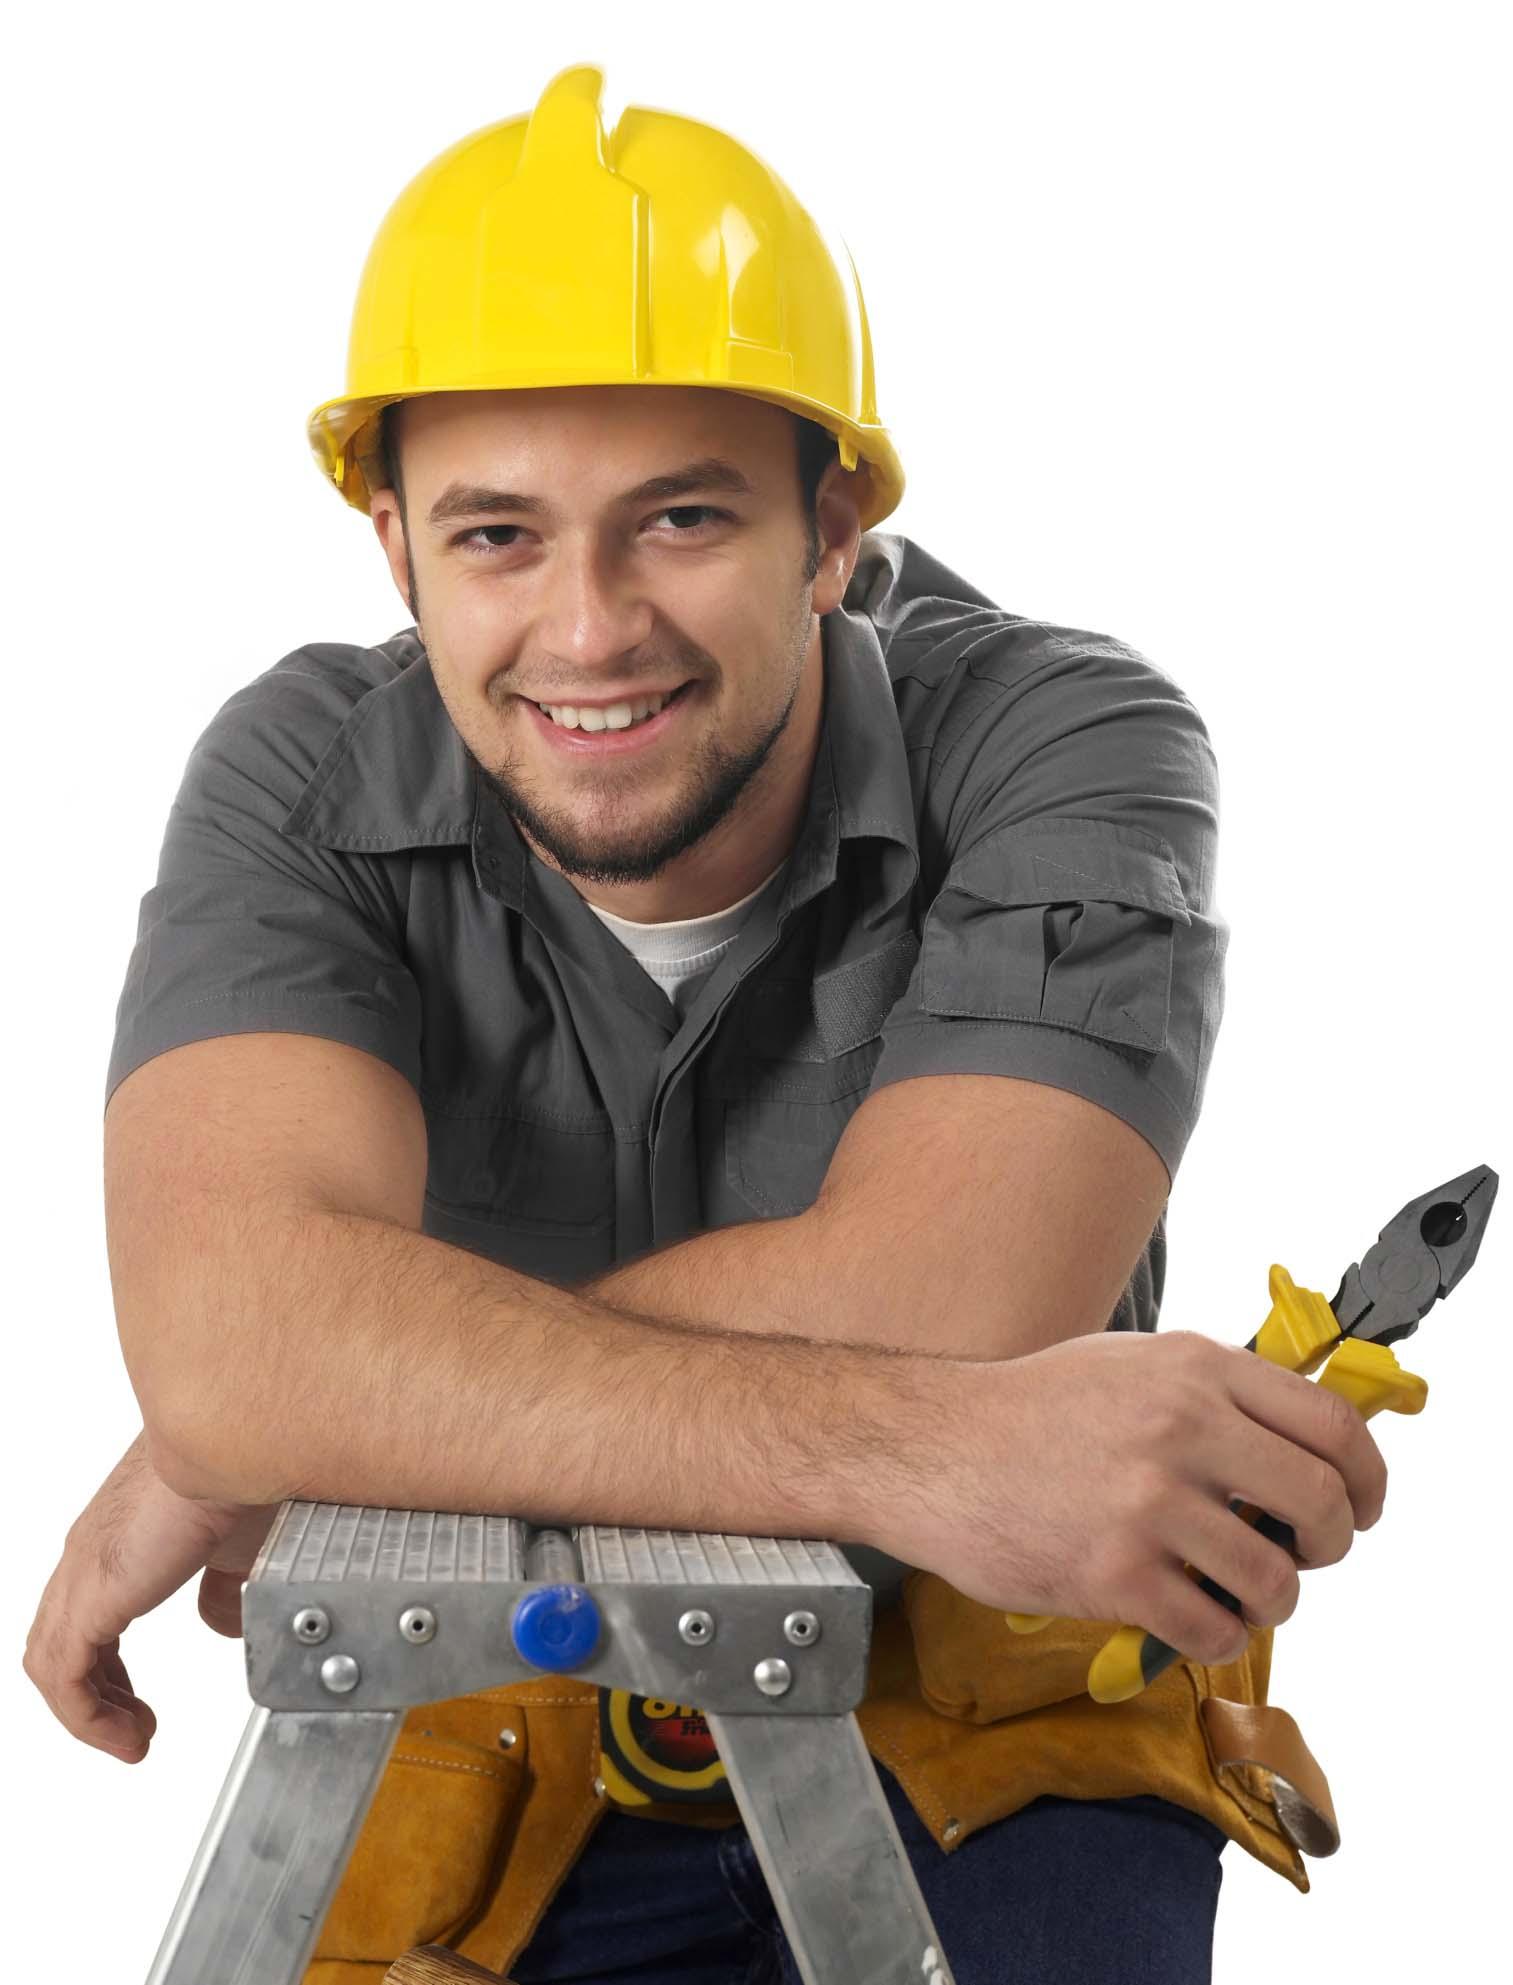 Прикольные картинки рабочего человека